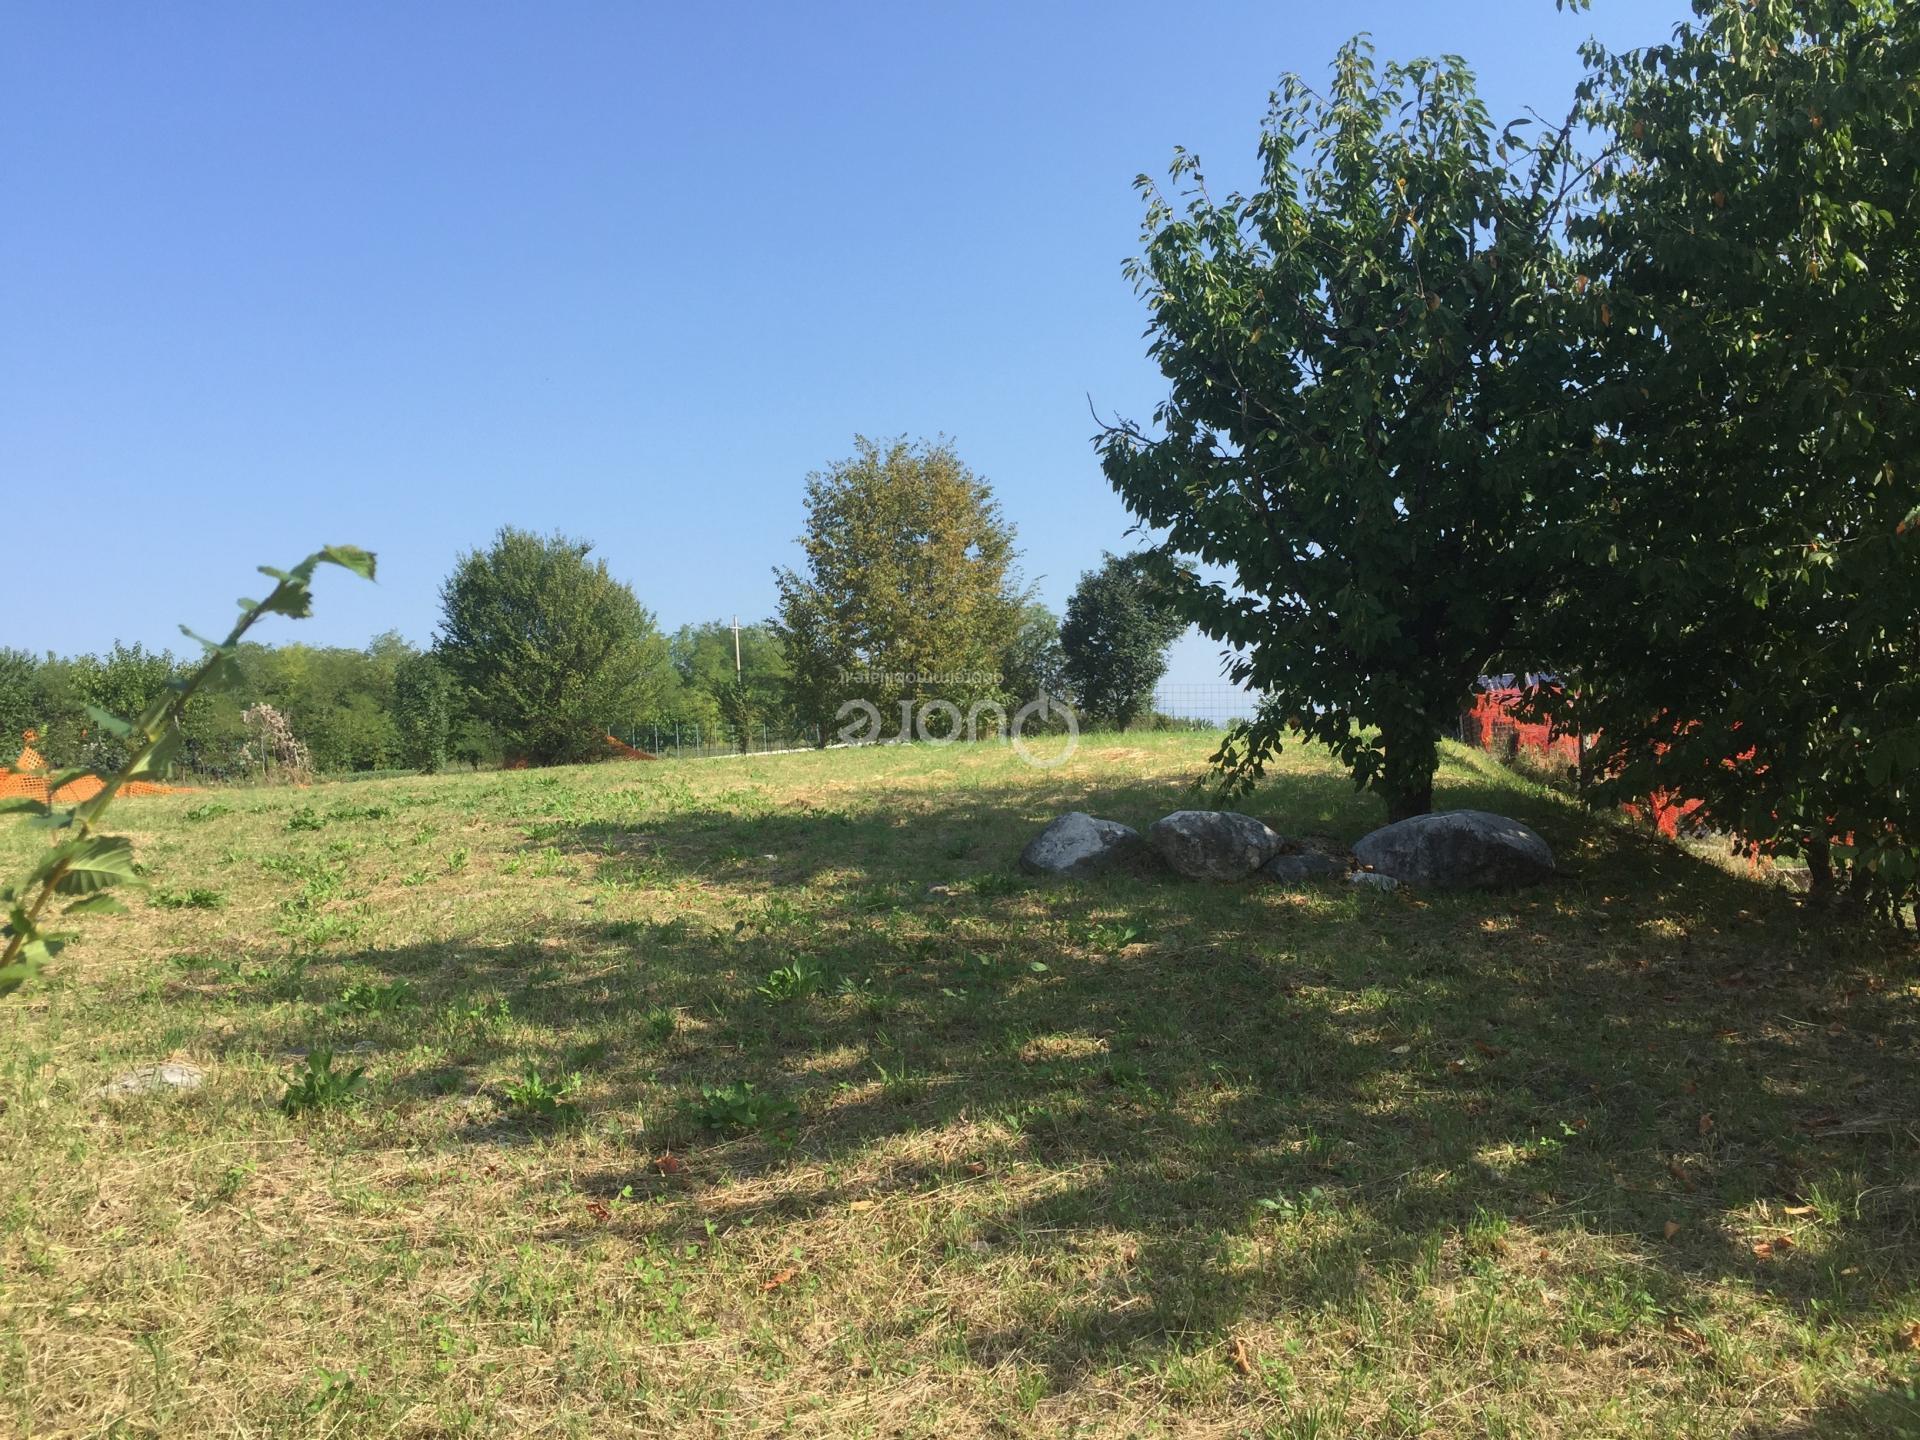 Terreno Edificabile Residenziale in vendita a Moruzzo, 9999 locali, prezzo € 68.000 | CambioCasa.it